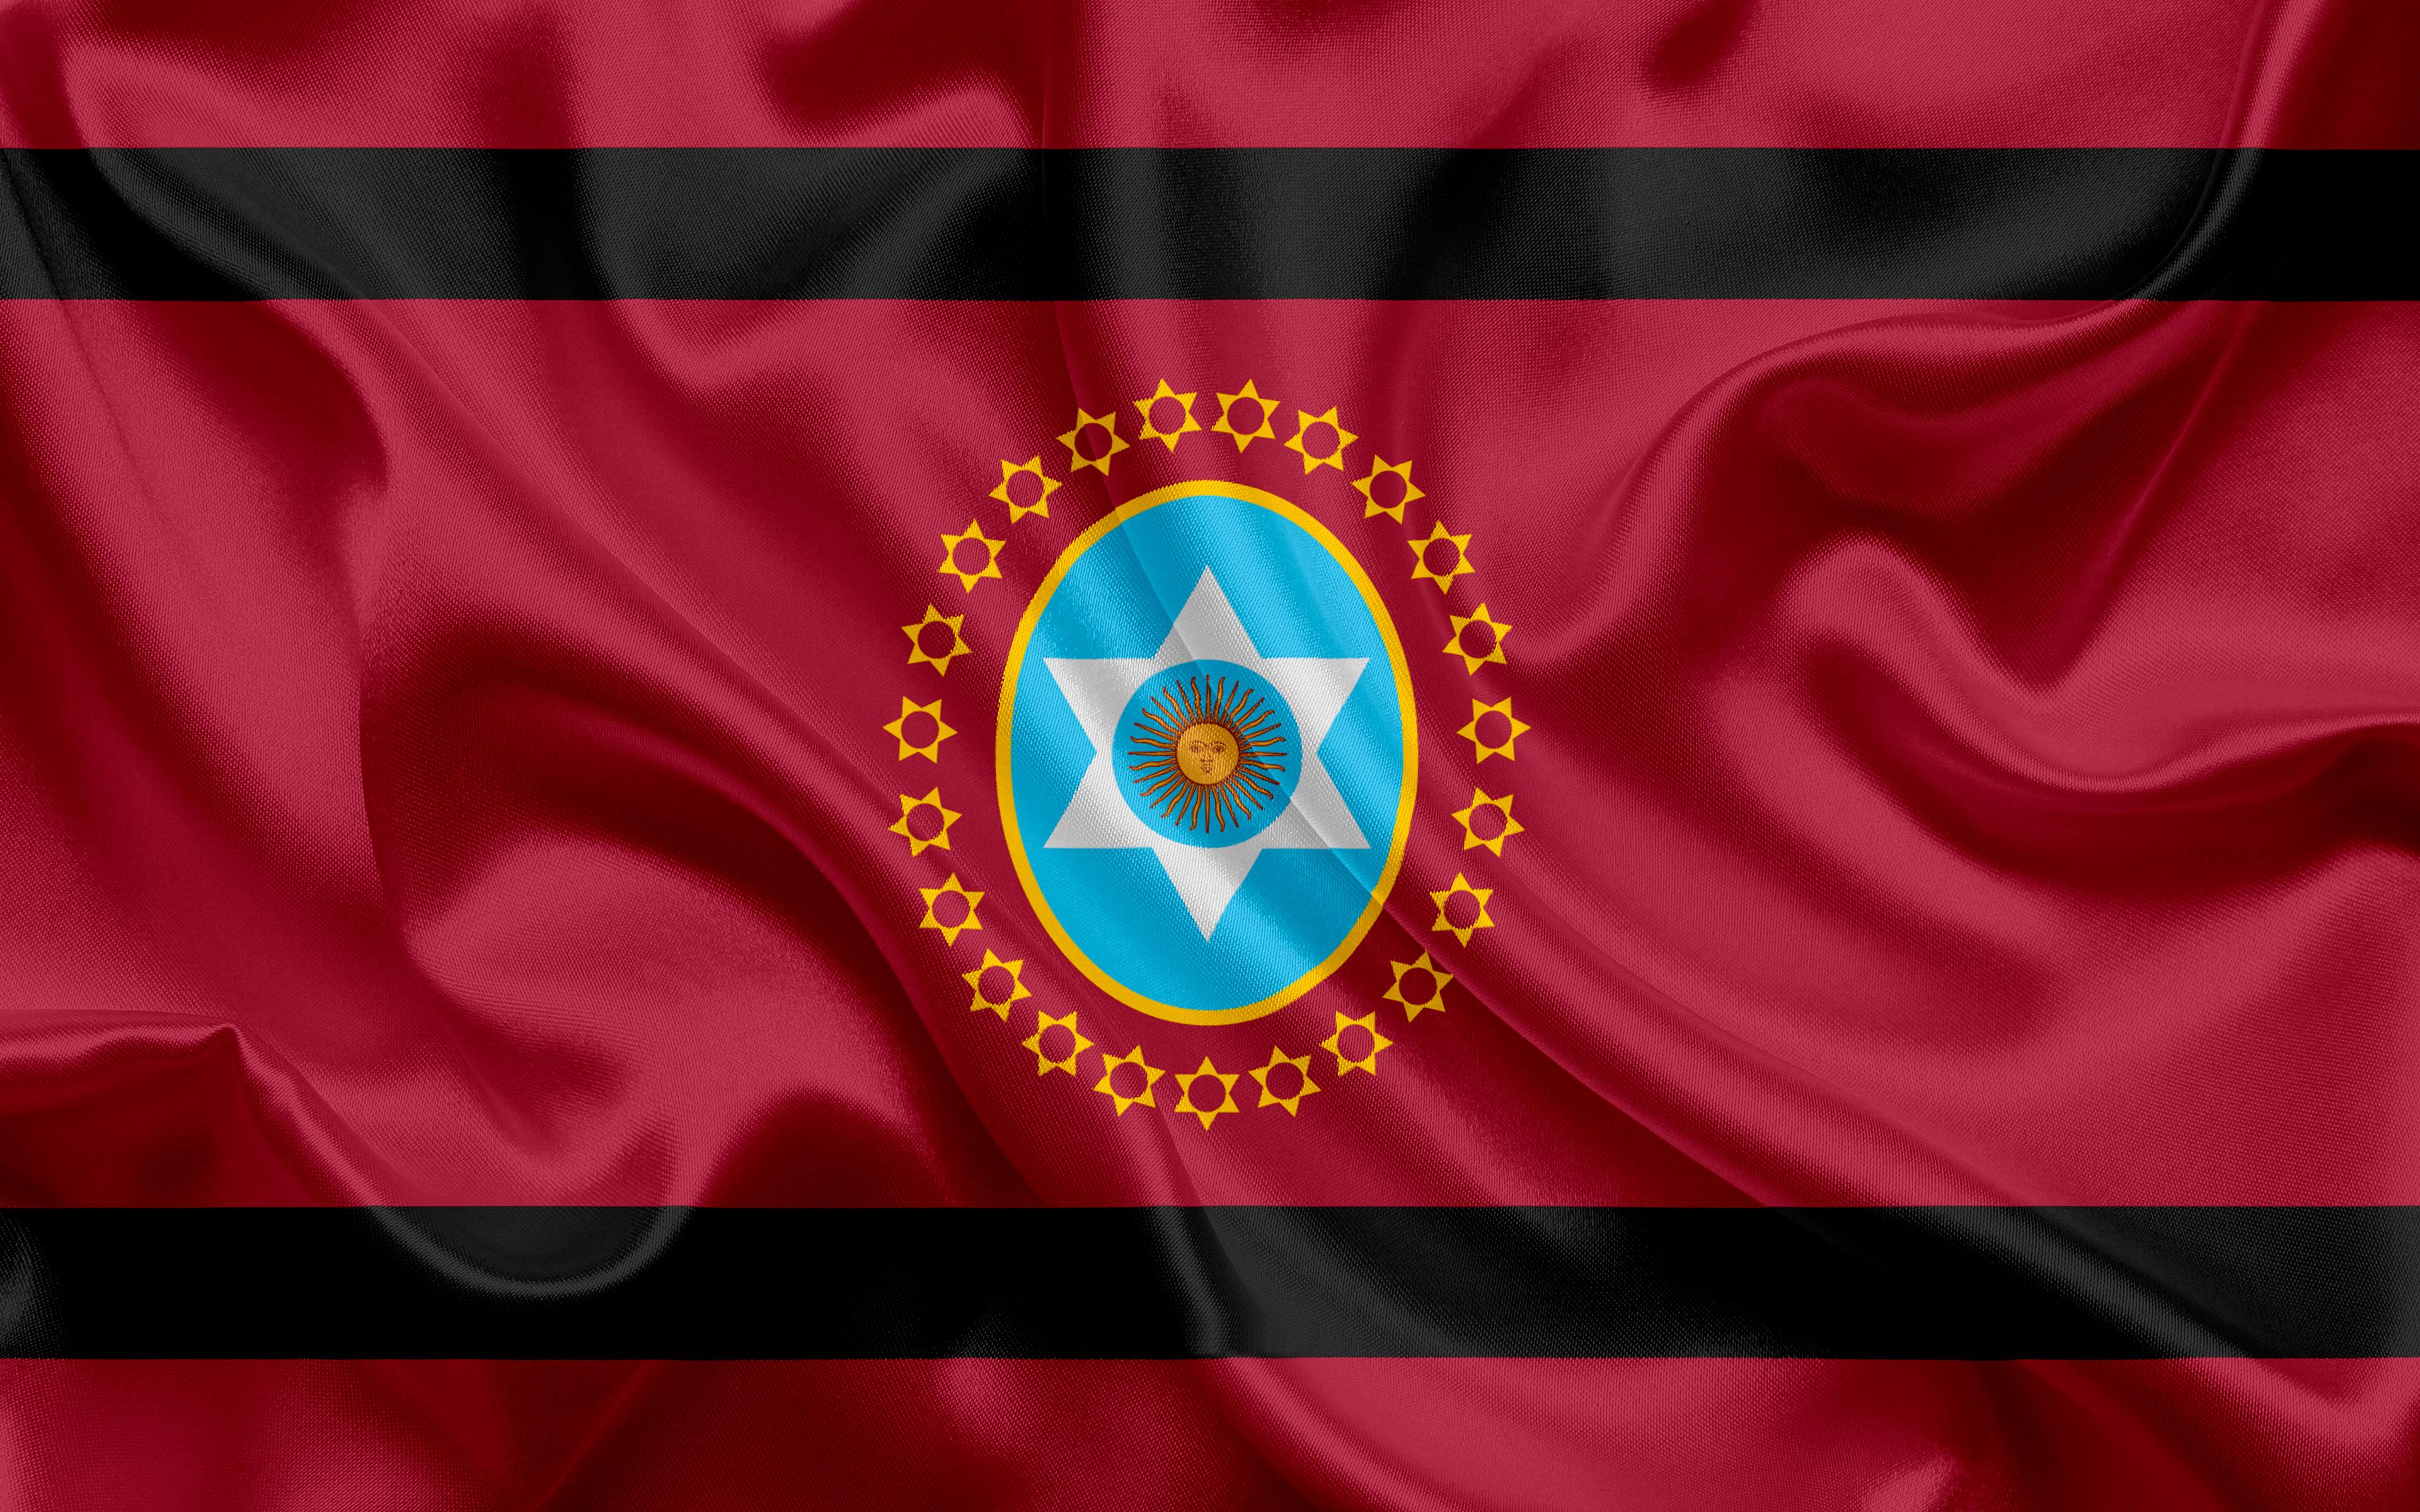 Contenido: Bandera de la Provincia de Salta